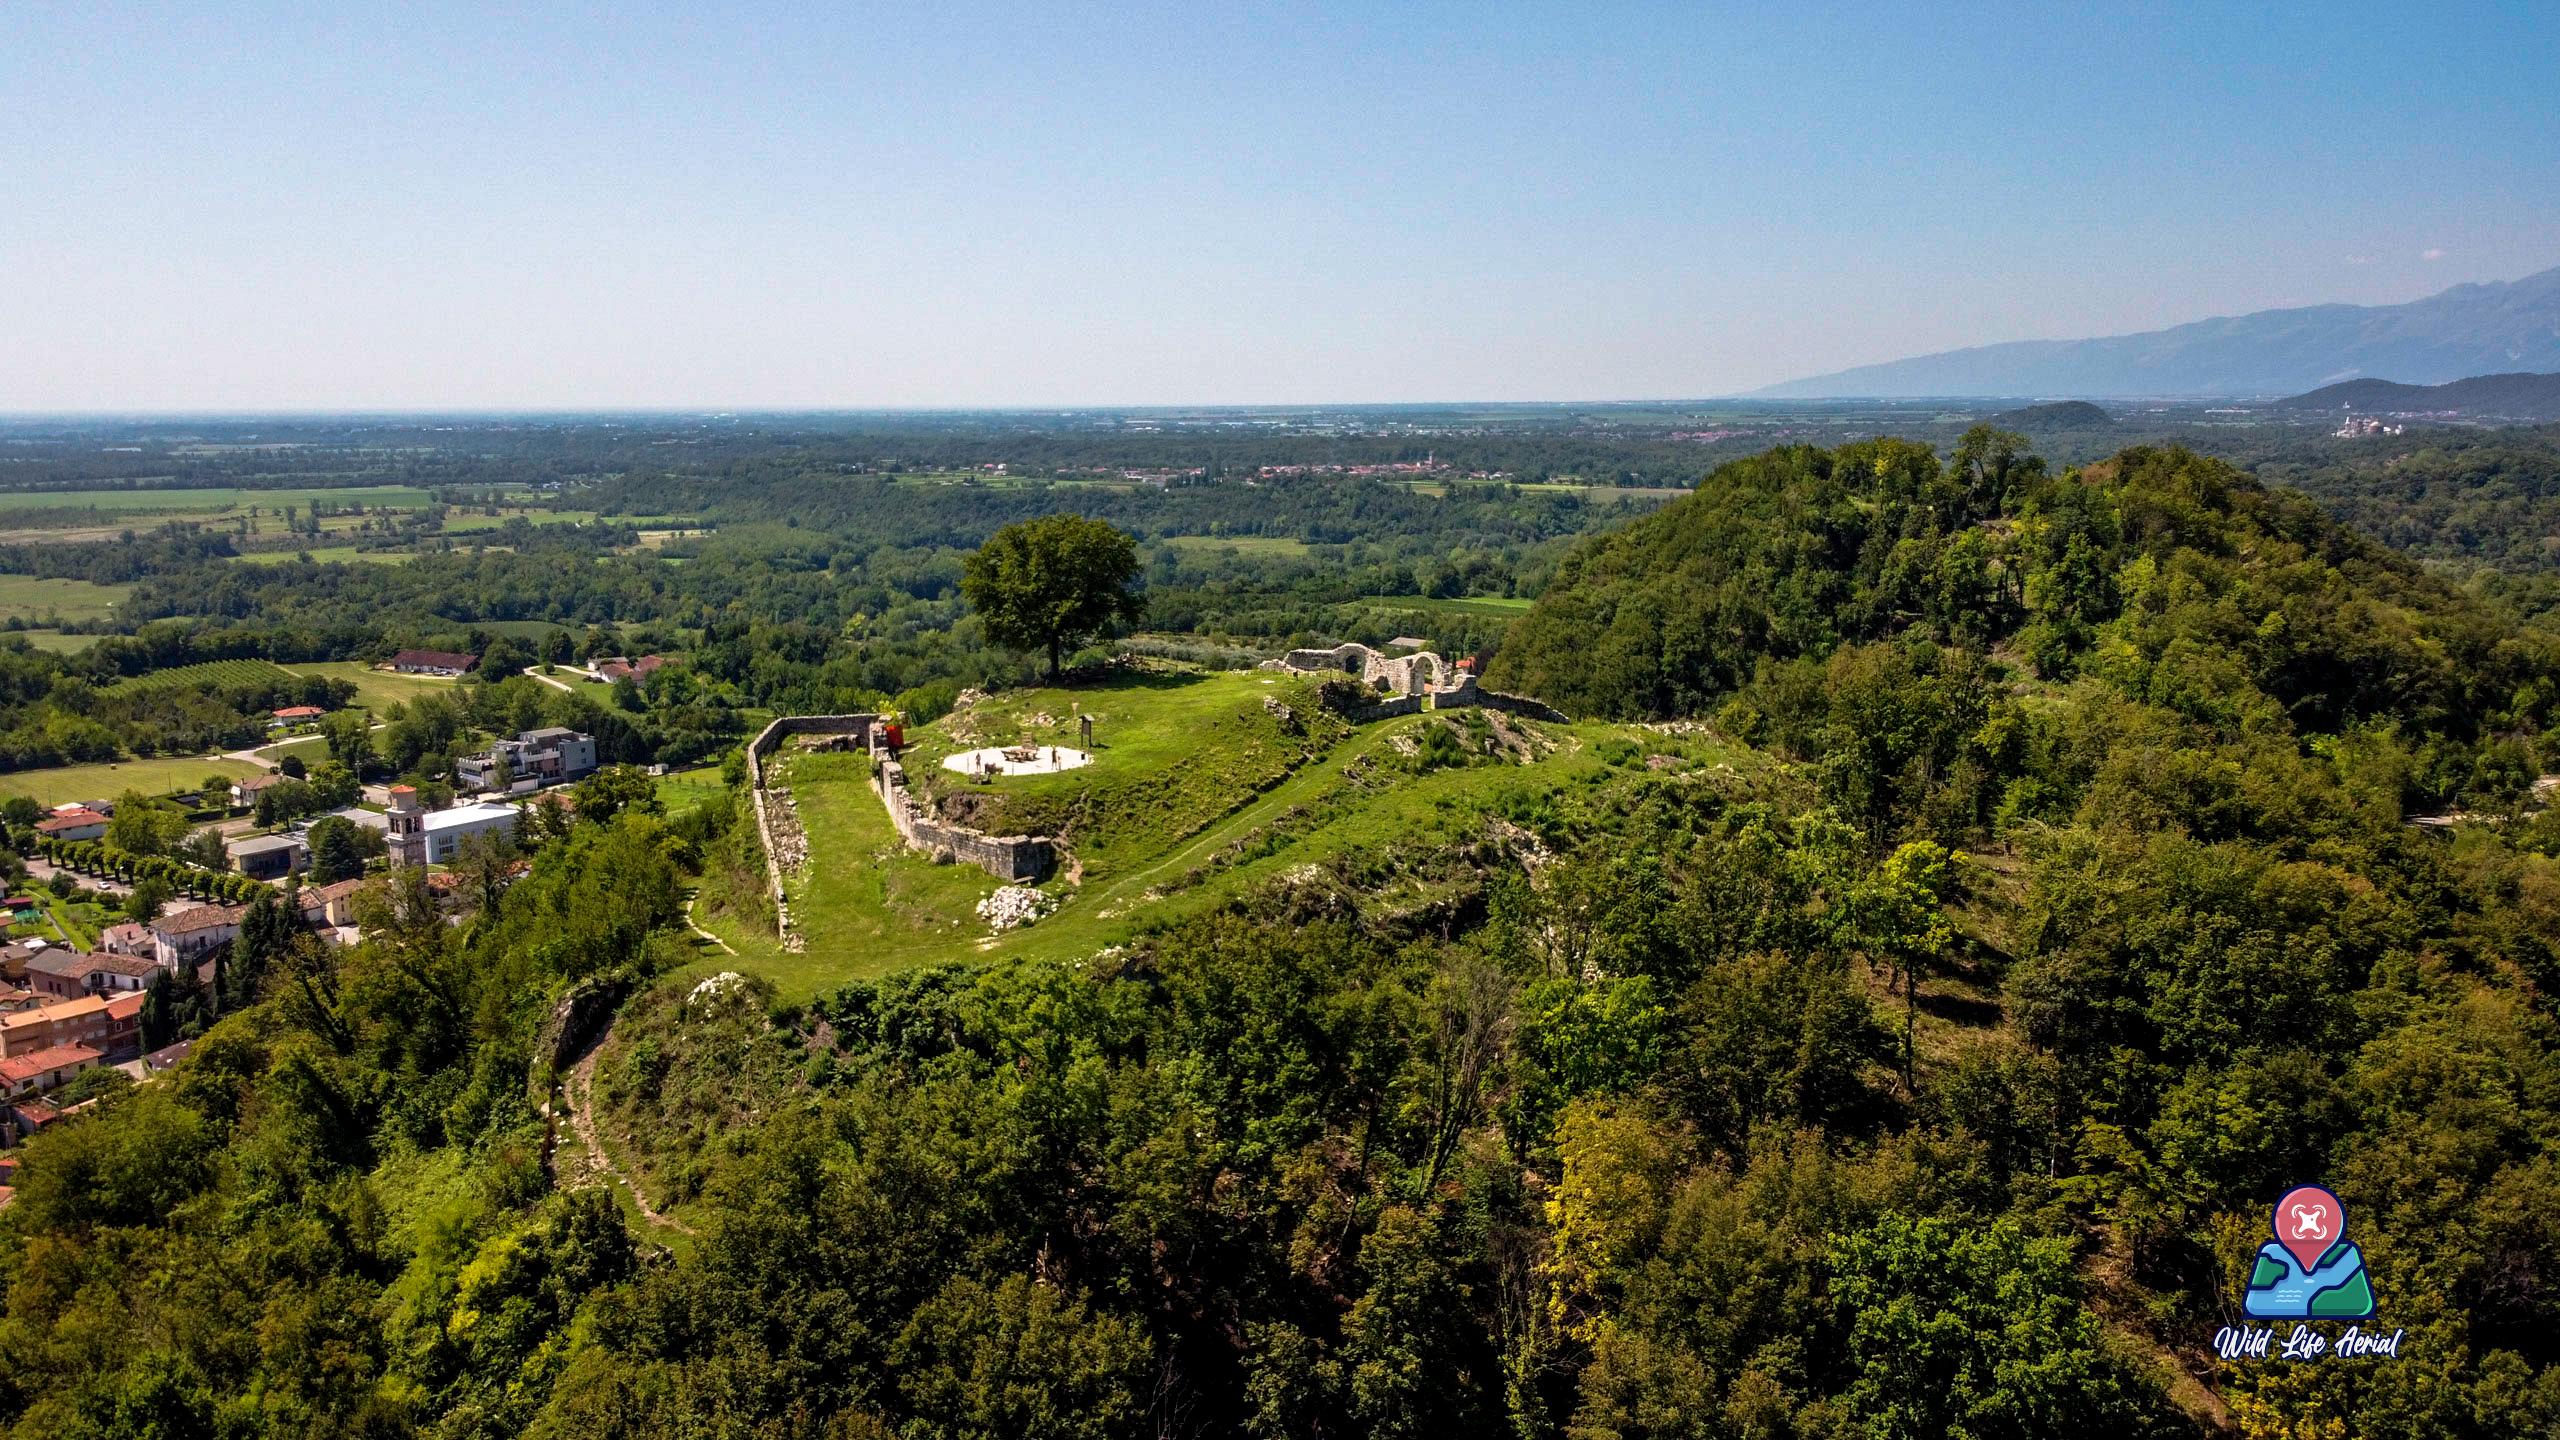 Ruderi del Castello di Pinzano - Pinzano al Tagliamento